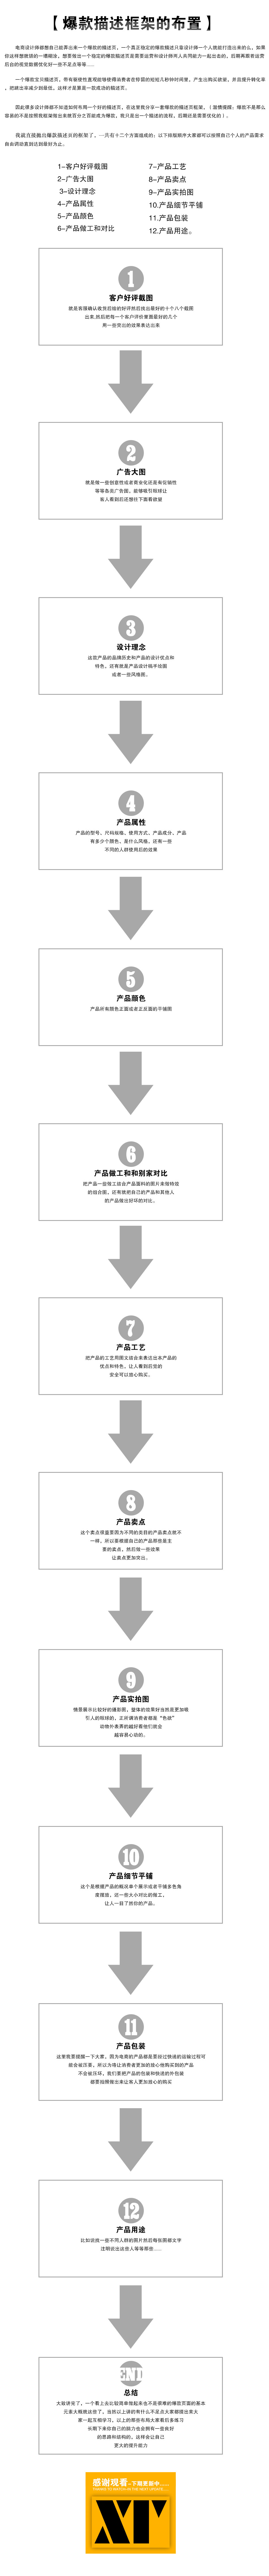 【爆款宝贝描述页的框架】快速提高淘宝美工电商设计师能力必备图片